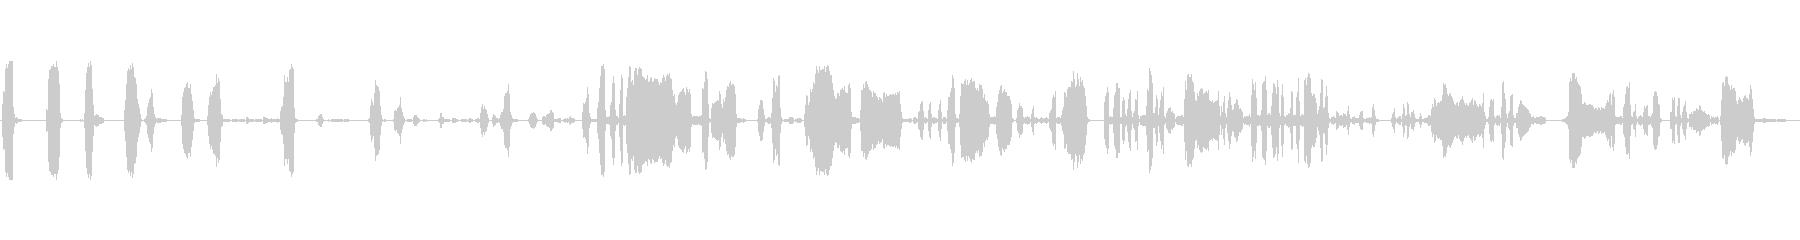 男性:拷問された悲鳴と叫び声の未再生の波形